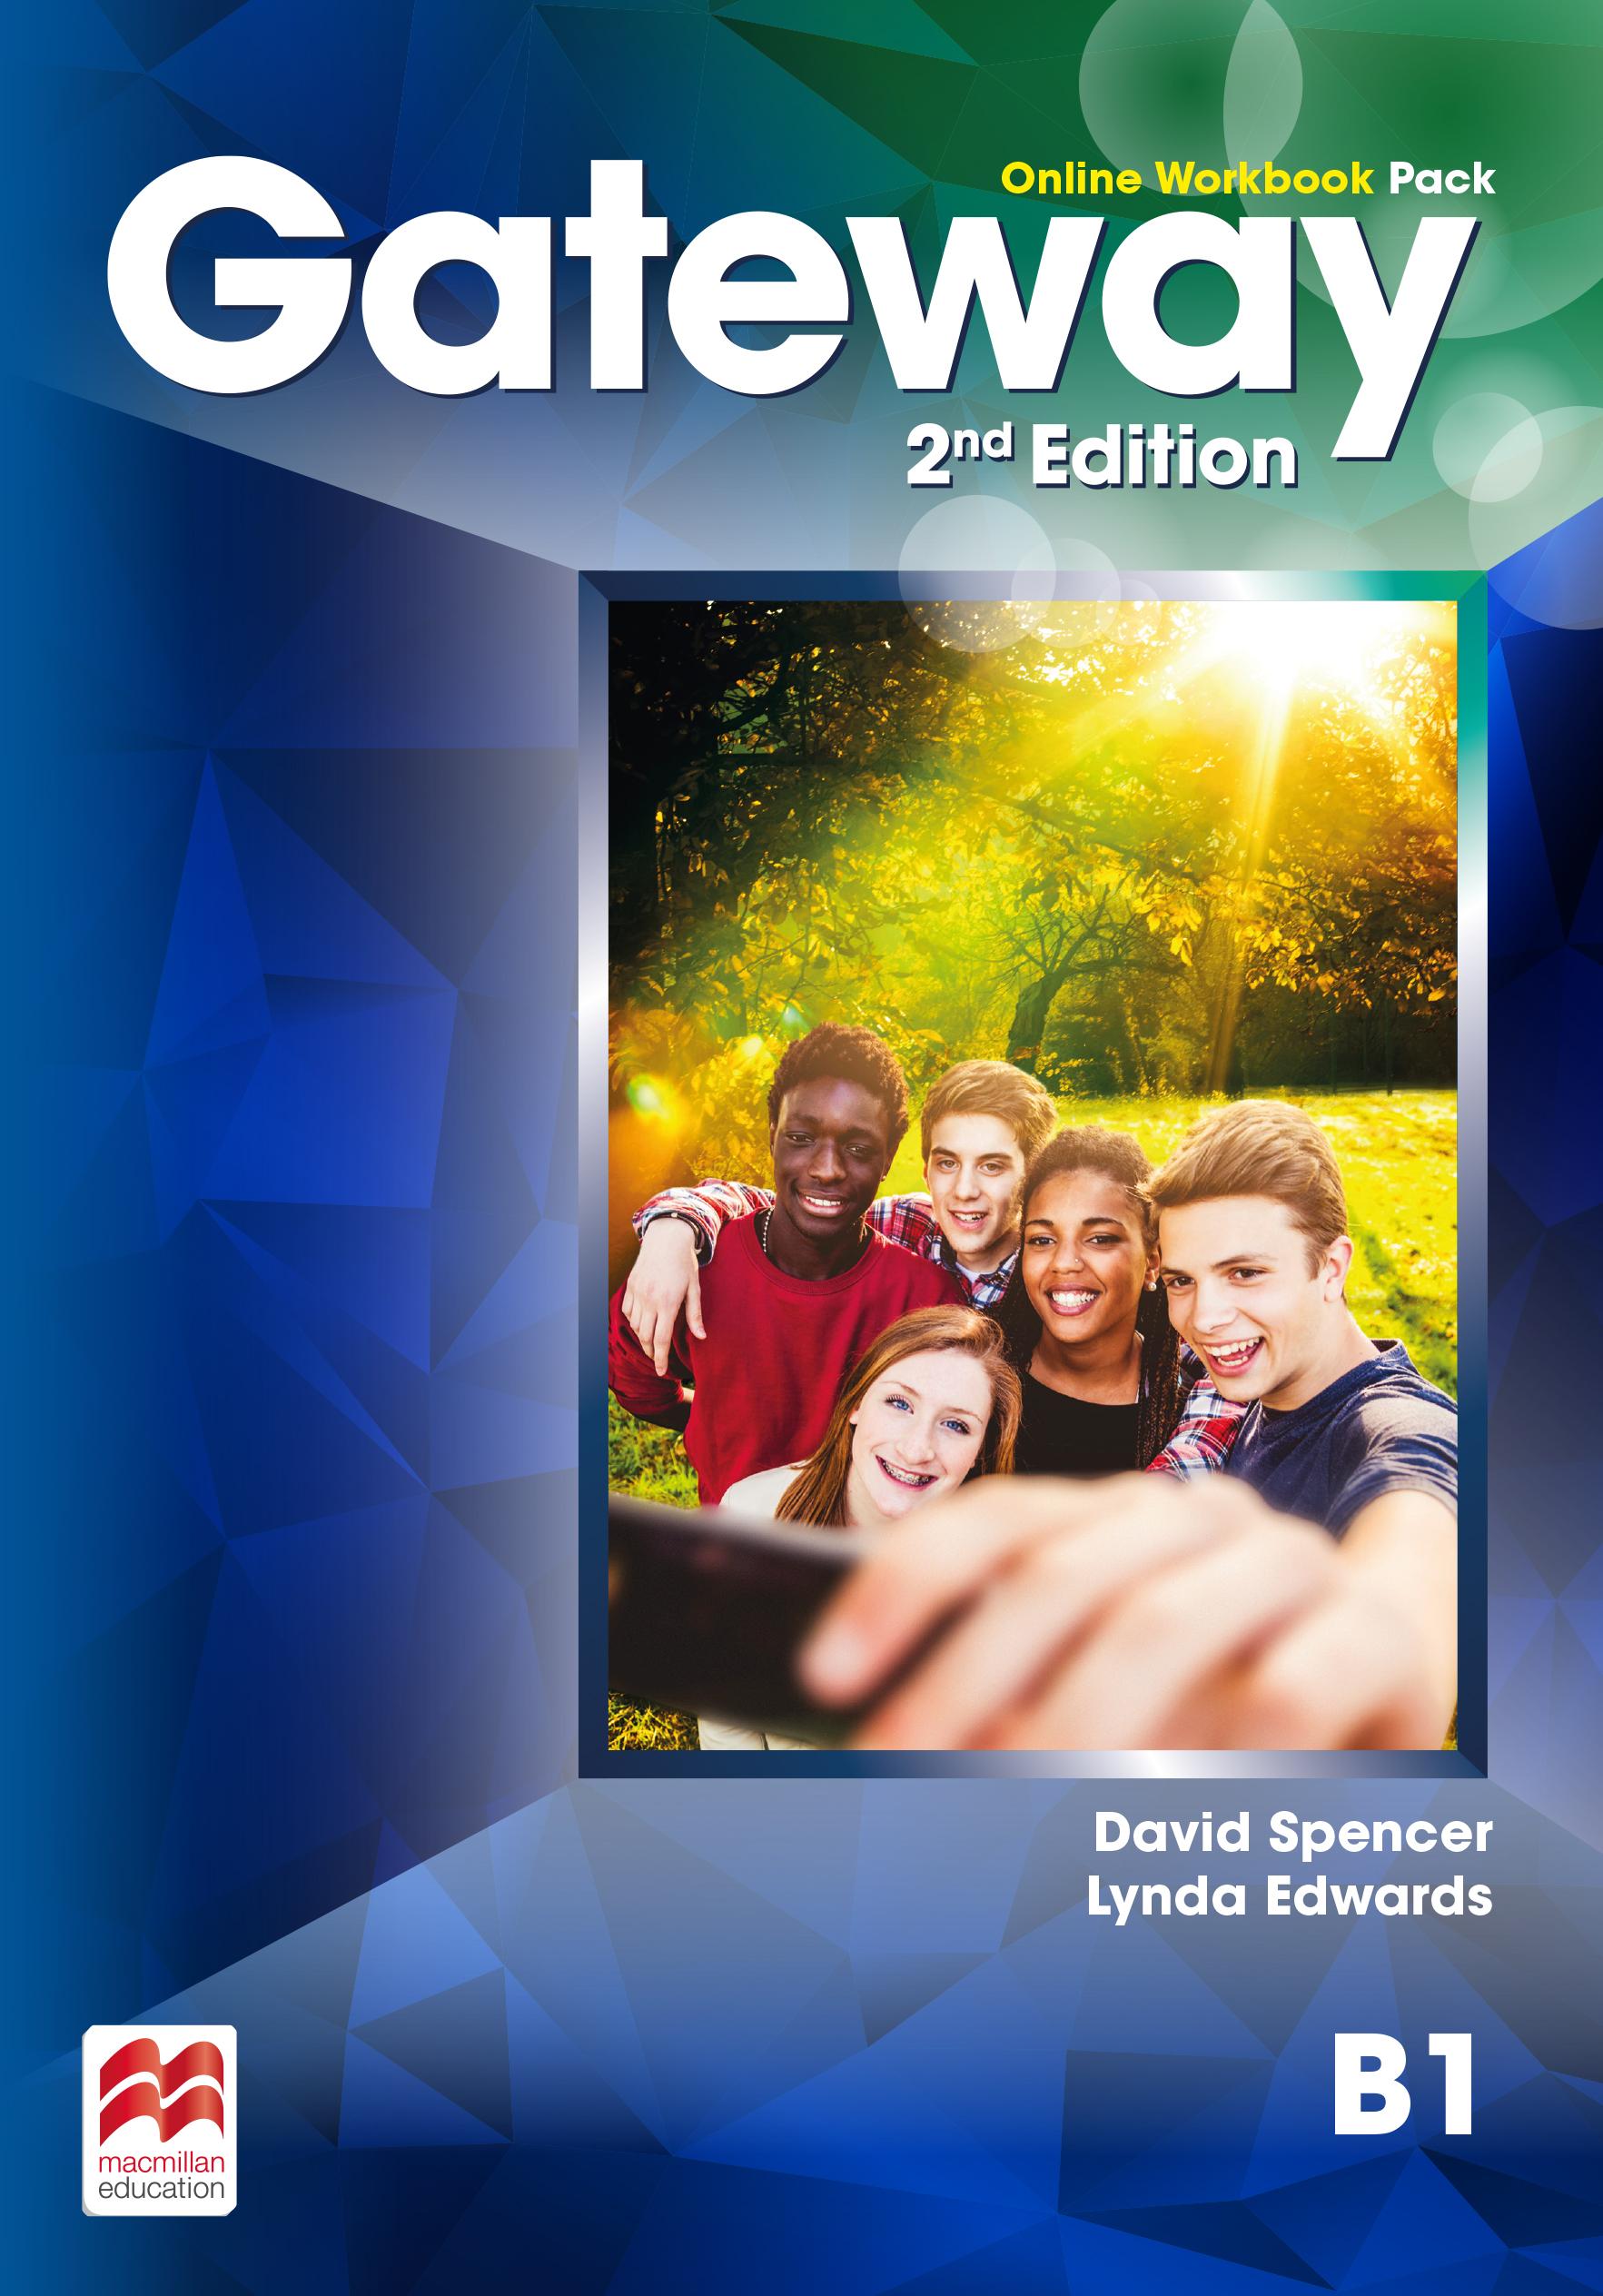 Gateway 2nd Edition B1 Online Workbook